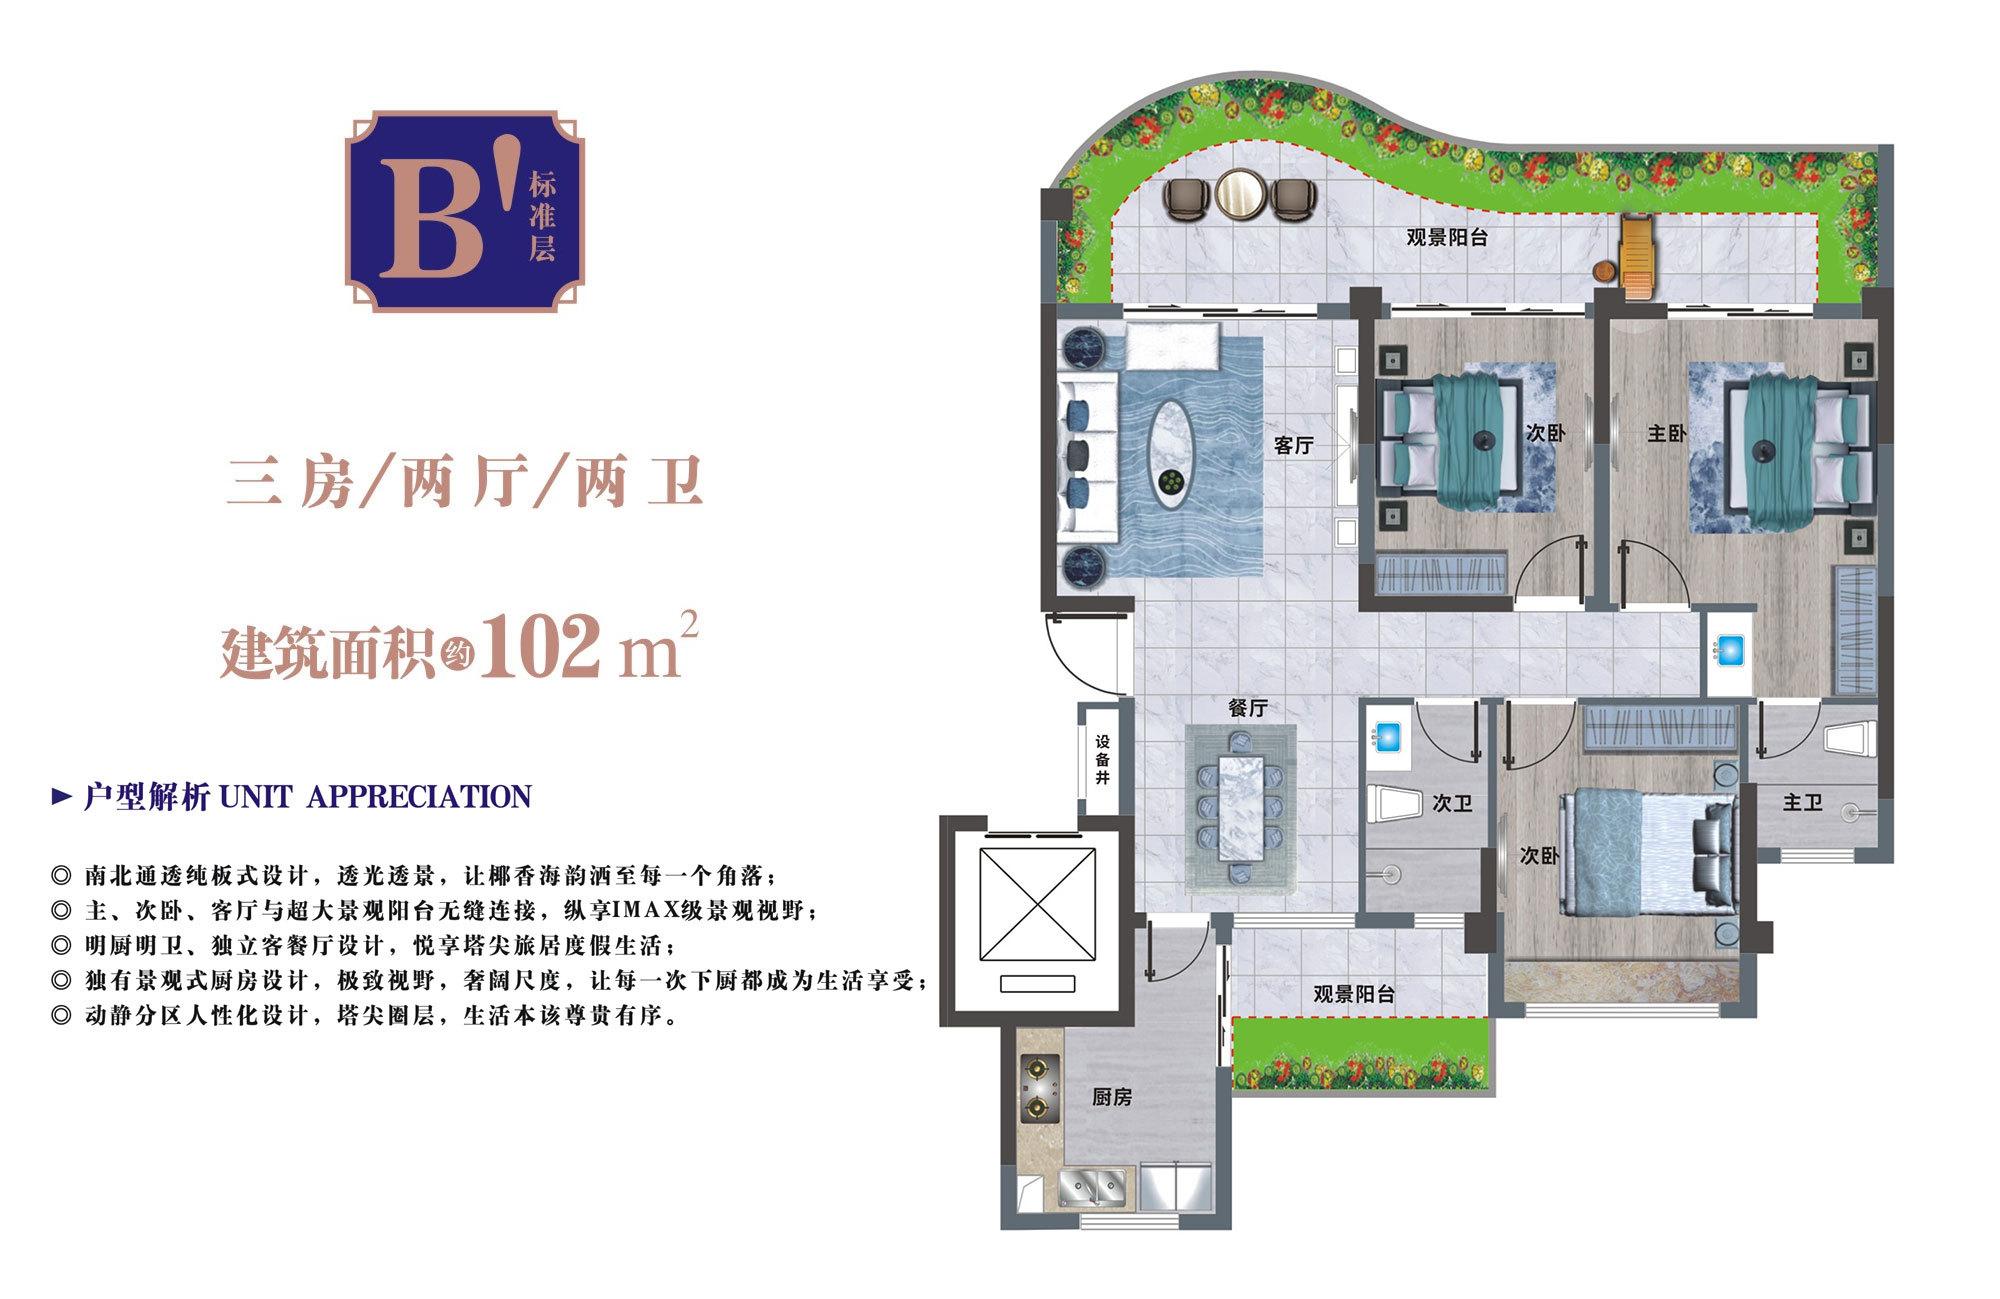 清凤龙栖海岸 二期B'户型 3房2厅2卫 建筑面积约102㎡